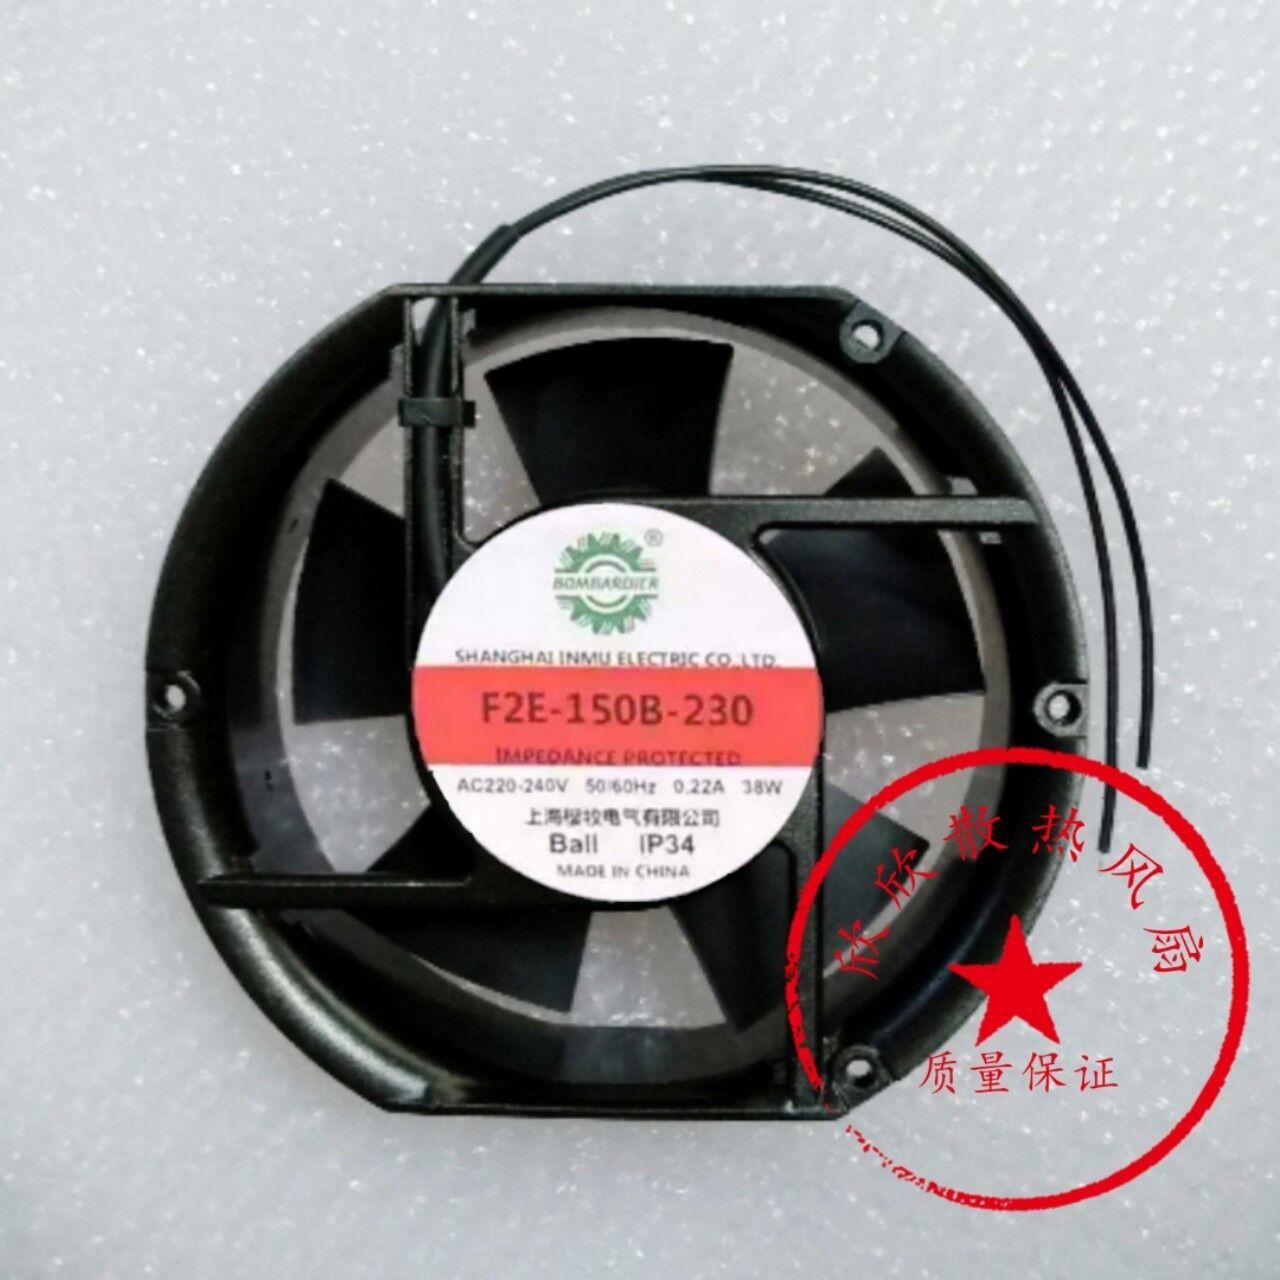 I PCS INMU Fan  F2E-150B-230 AC 220-240V 0.22A 38W 17CM 17251 2 Wire